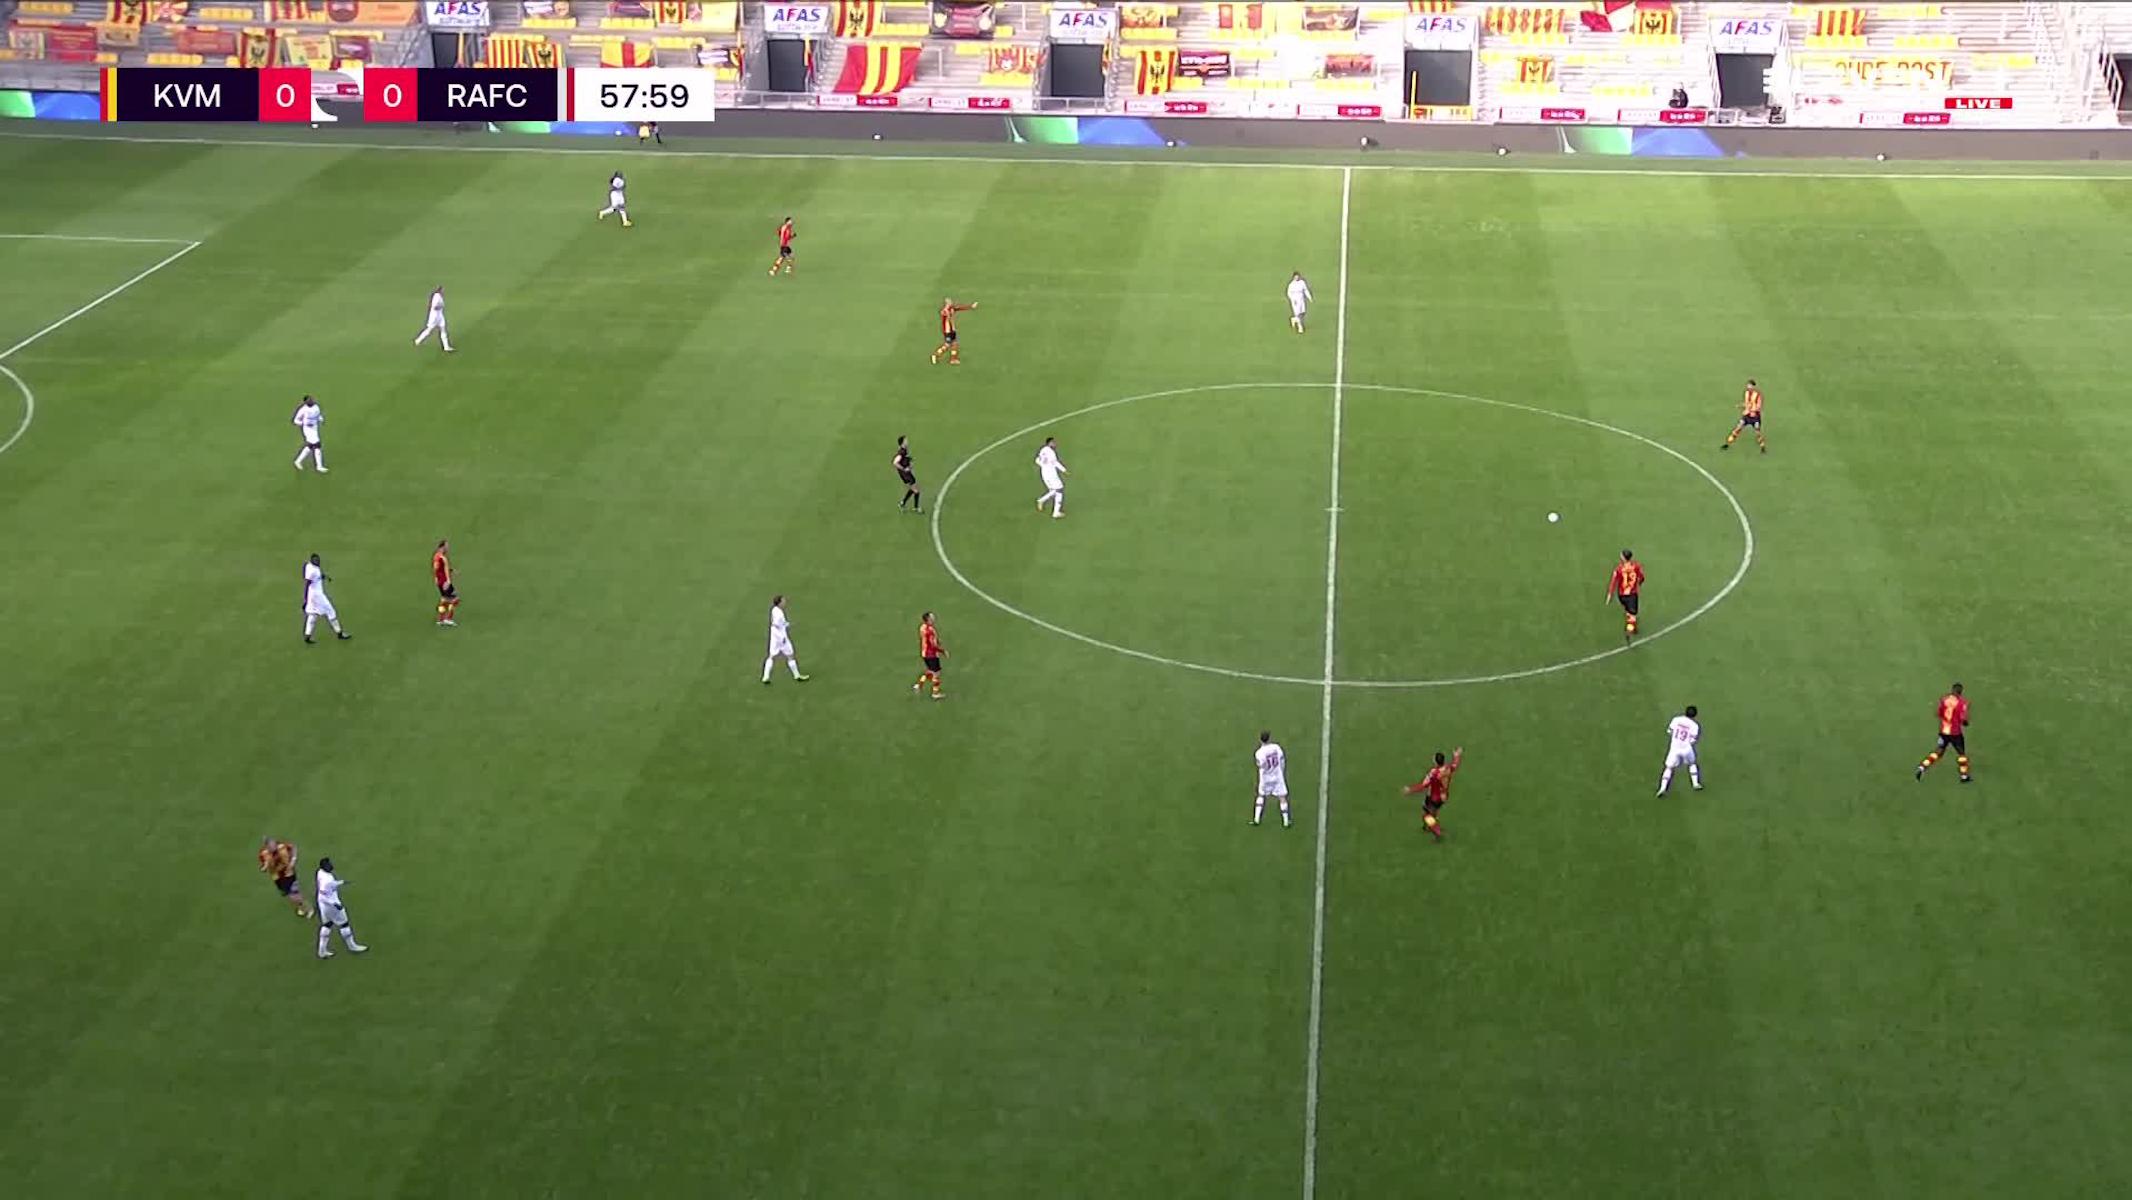 Doelpunt Rob Schoofs (KV Mechelen vs. Royal Antwerp FC)